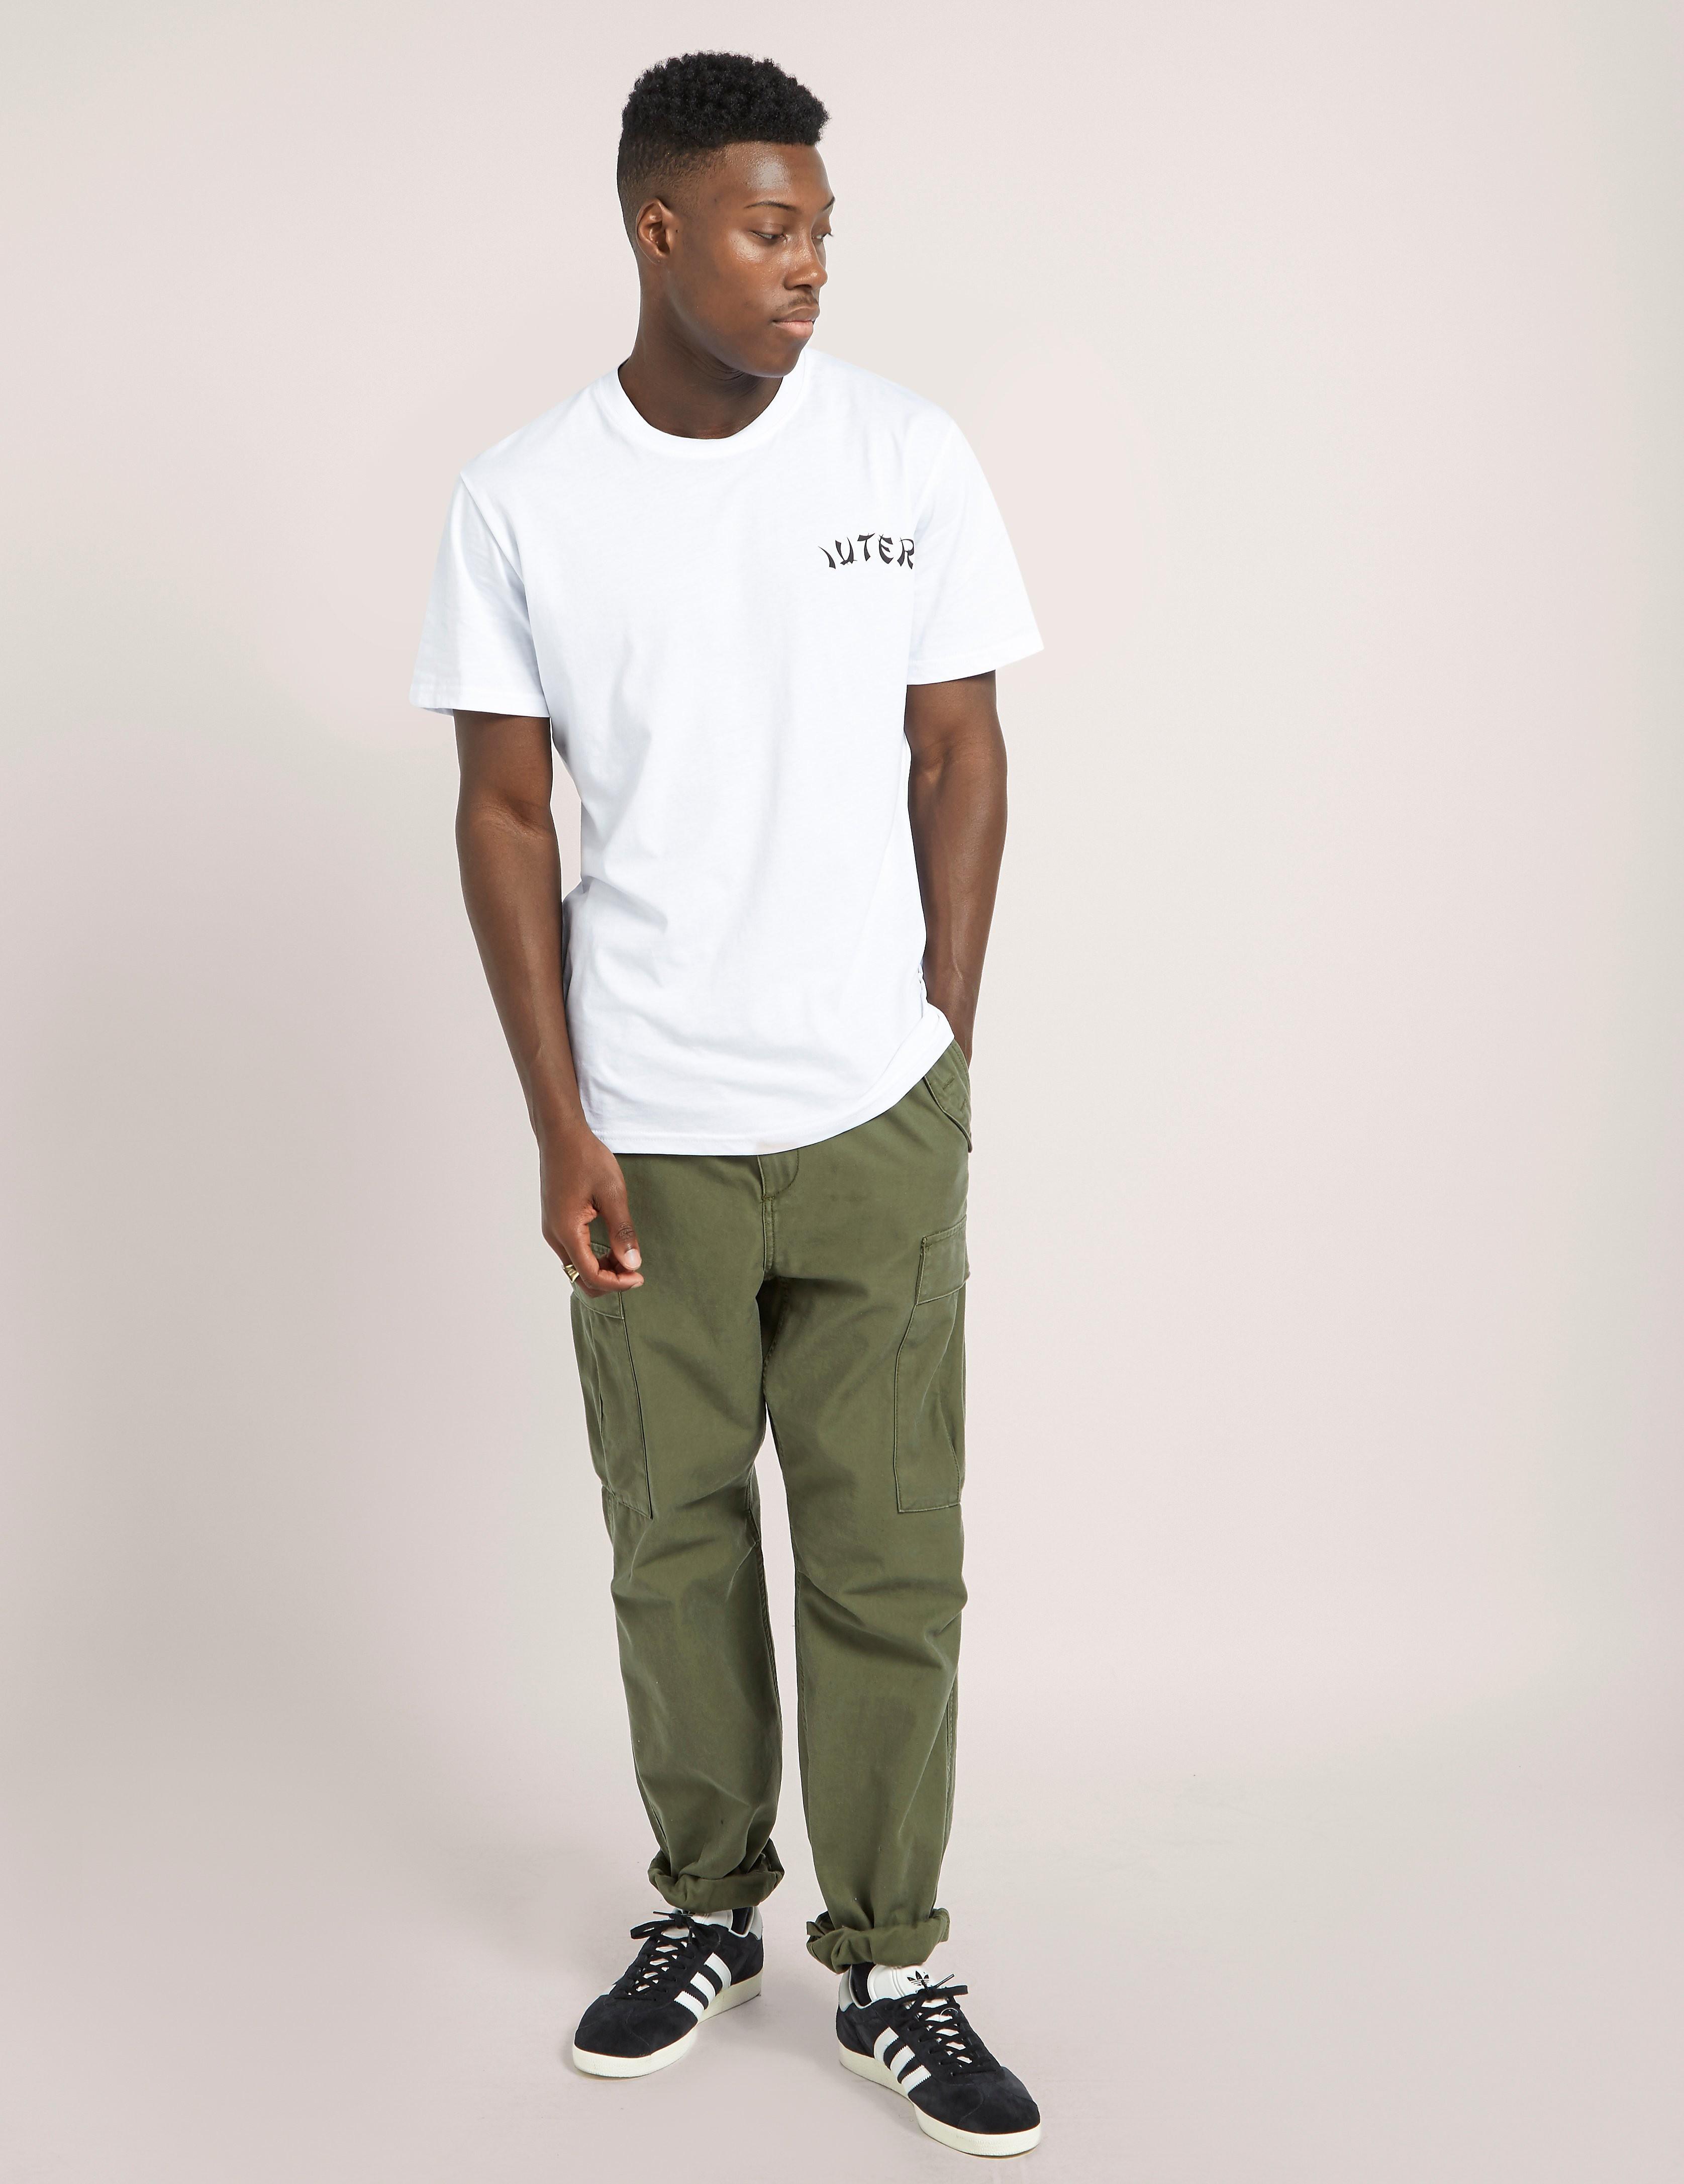 IUTER Spectre Short Sleeve T-Shirt